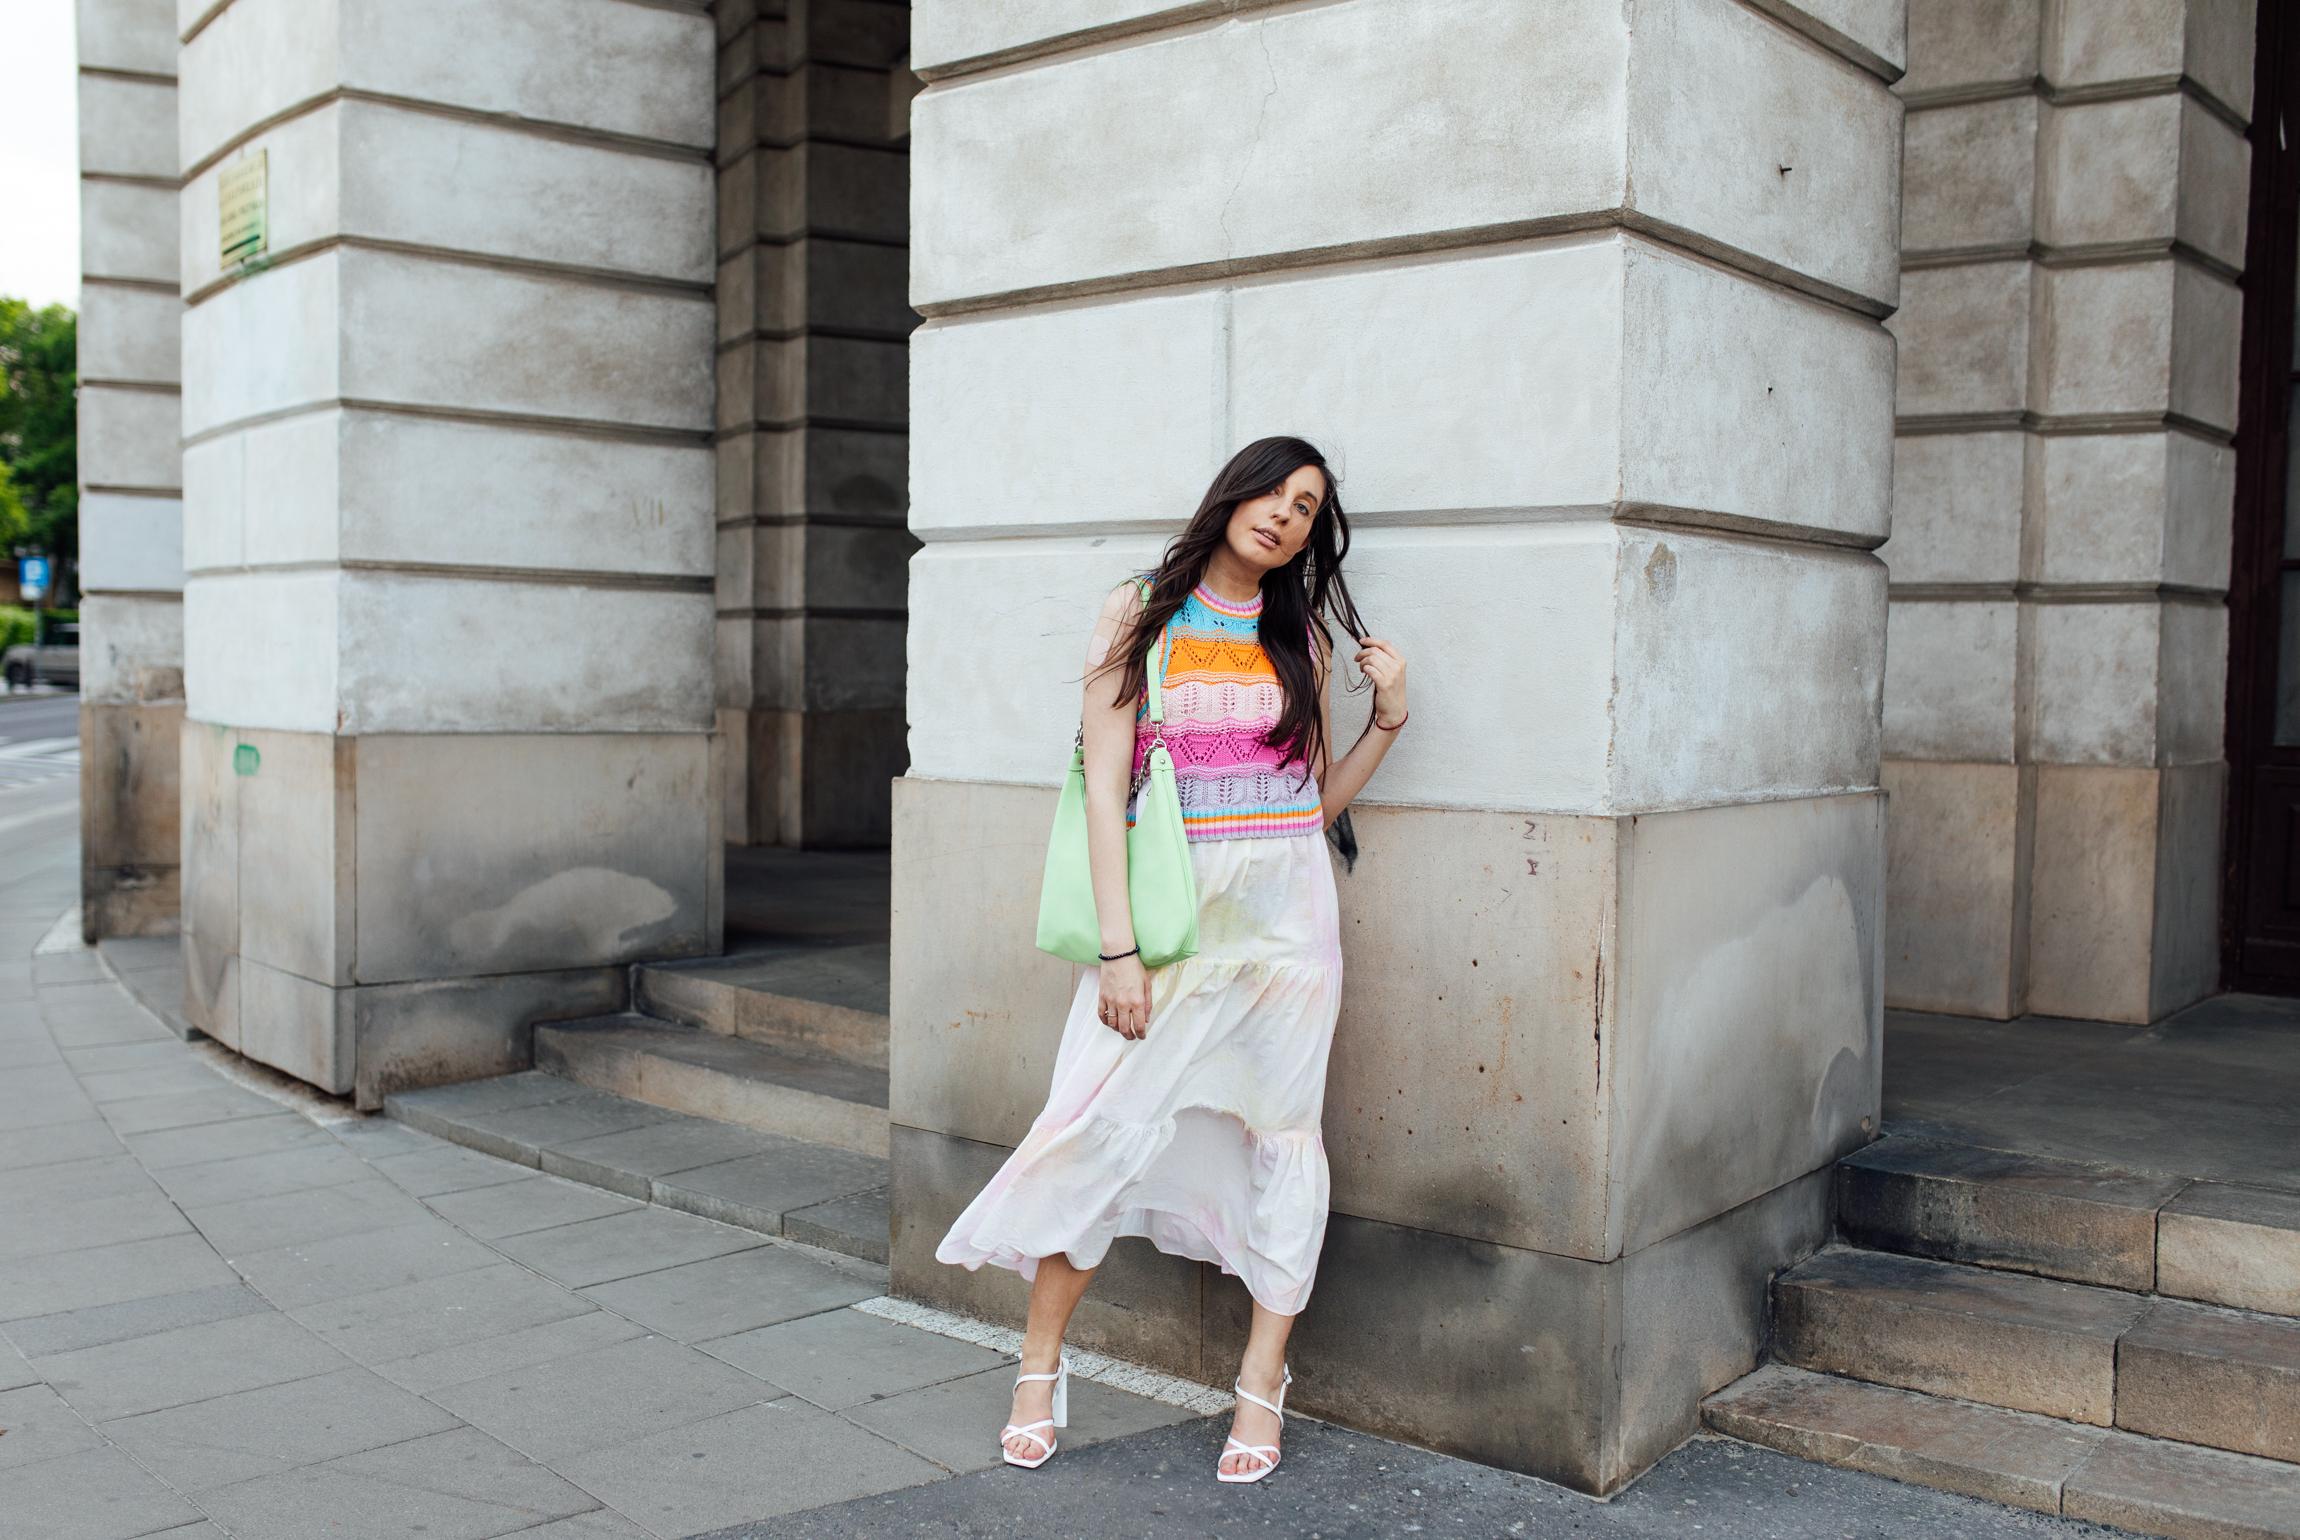 blogerka-modowa-teczowa-stylizacja-lgbt-